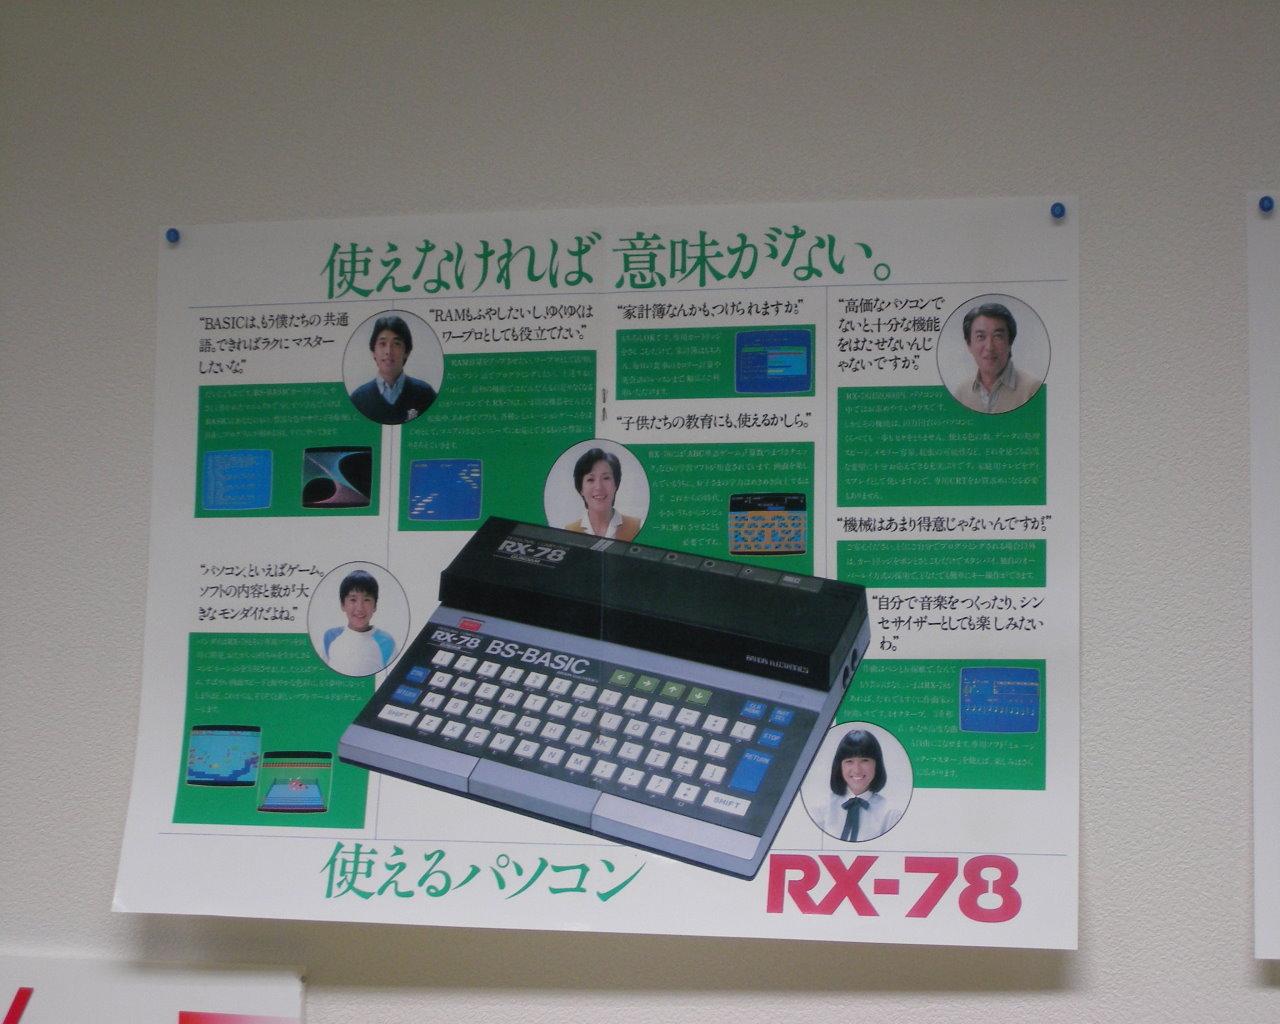 RX-78のチラシ